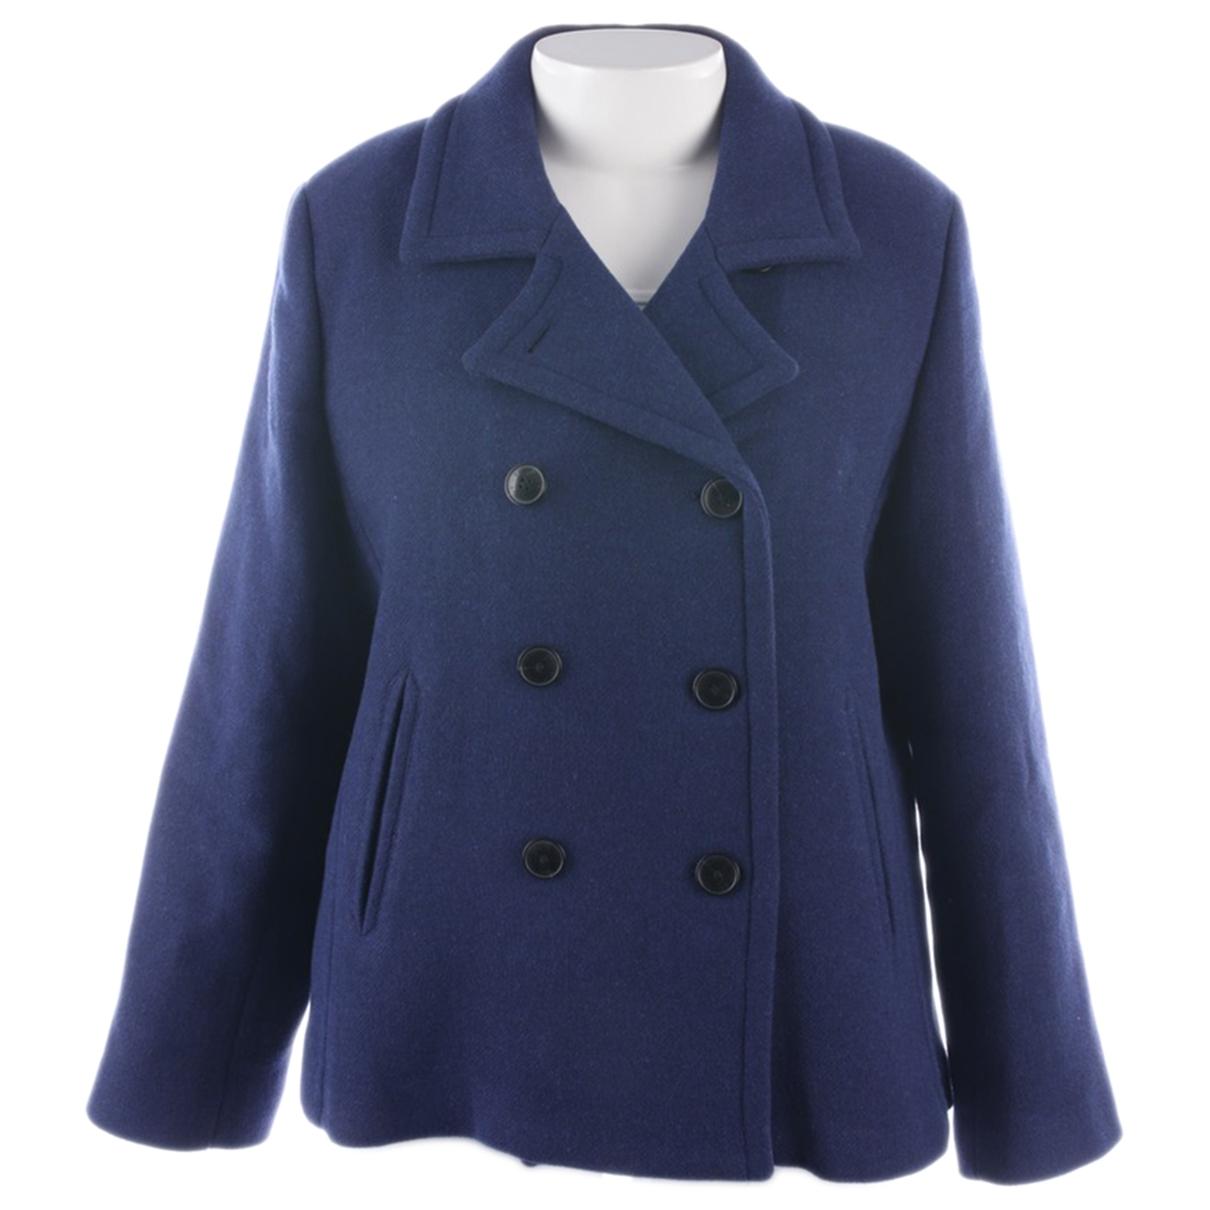 Gant Rugger \N Jacke in  Blau Polyester